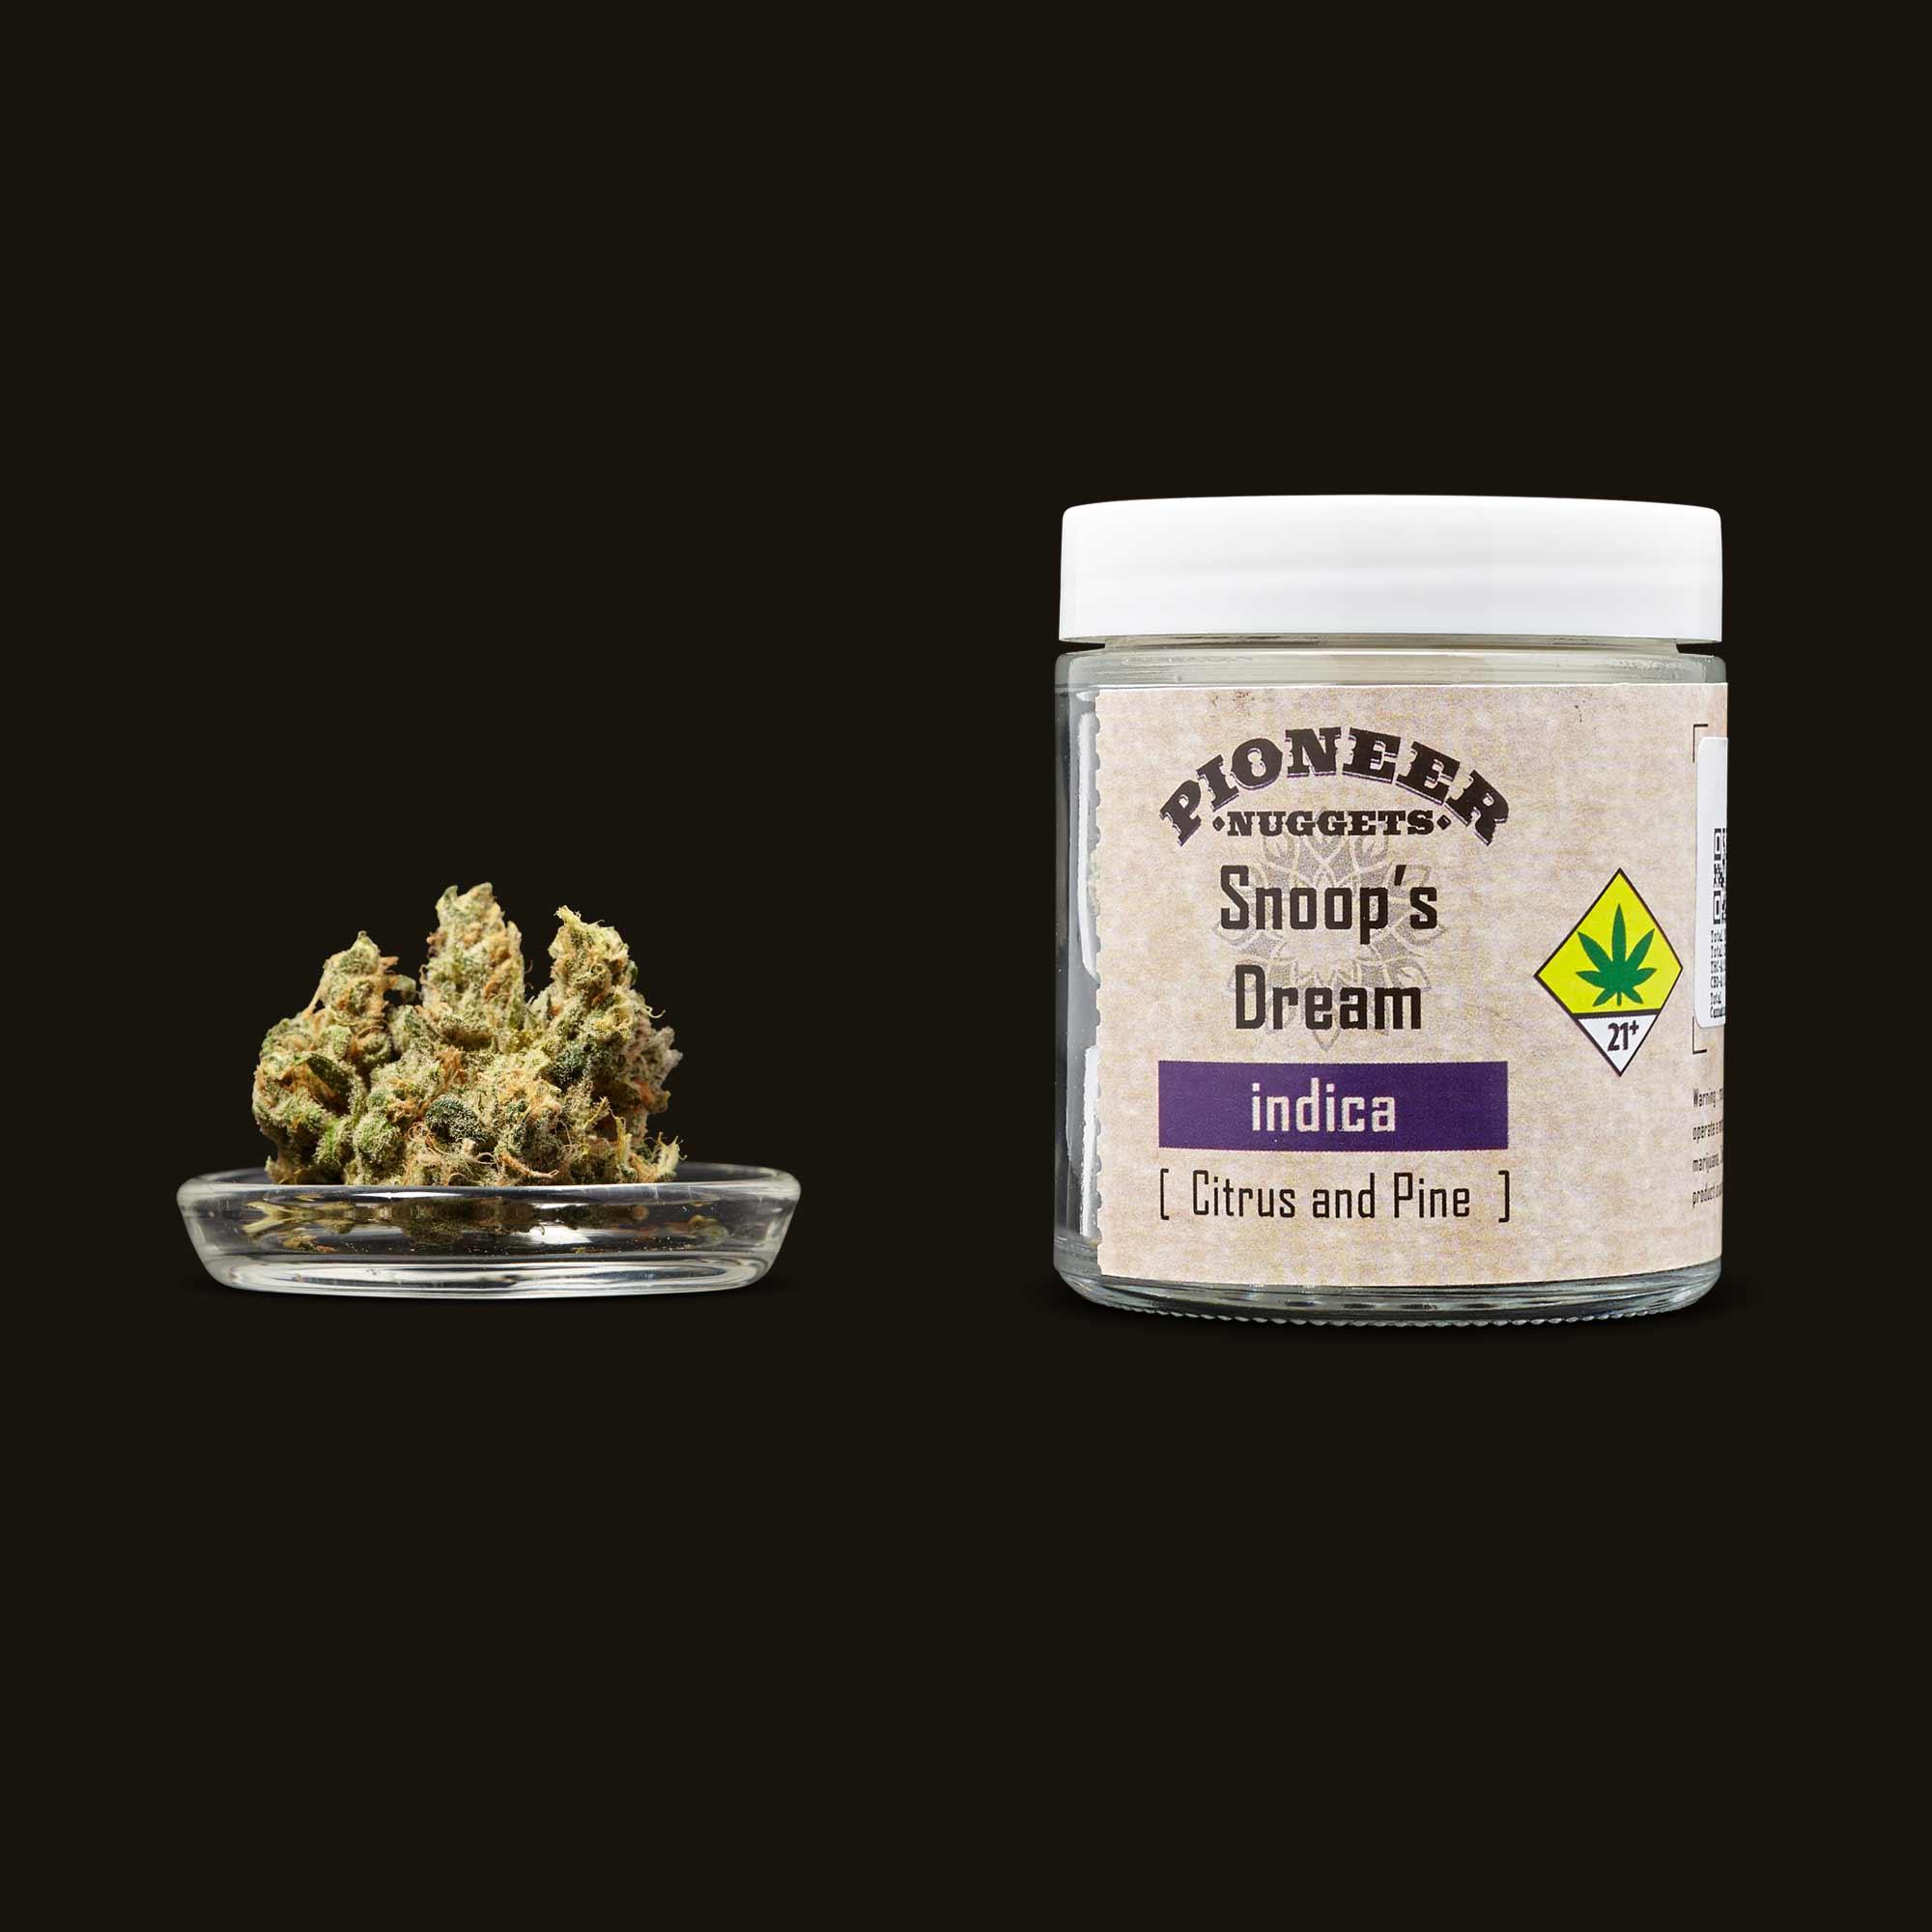 Pioneer Nuggets Snoop's Dream